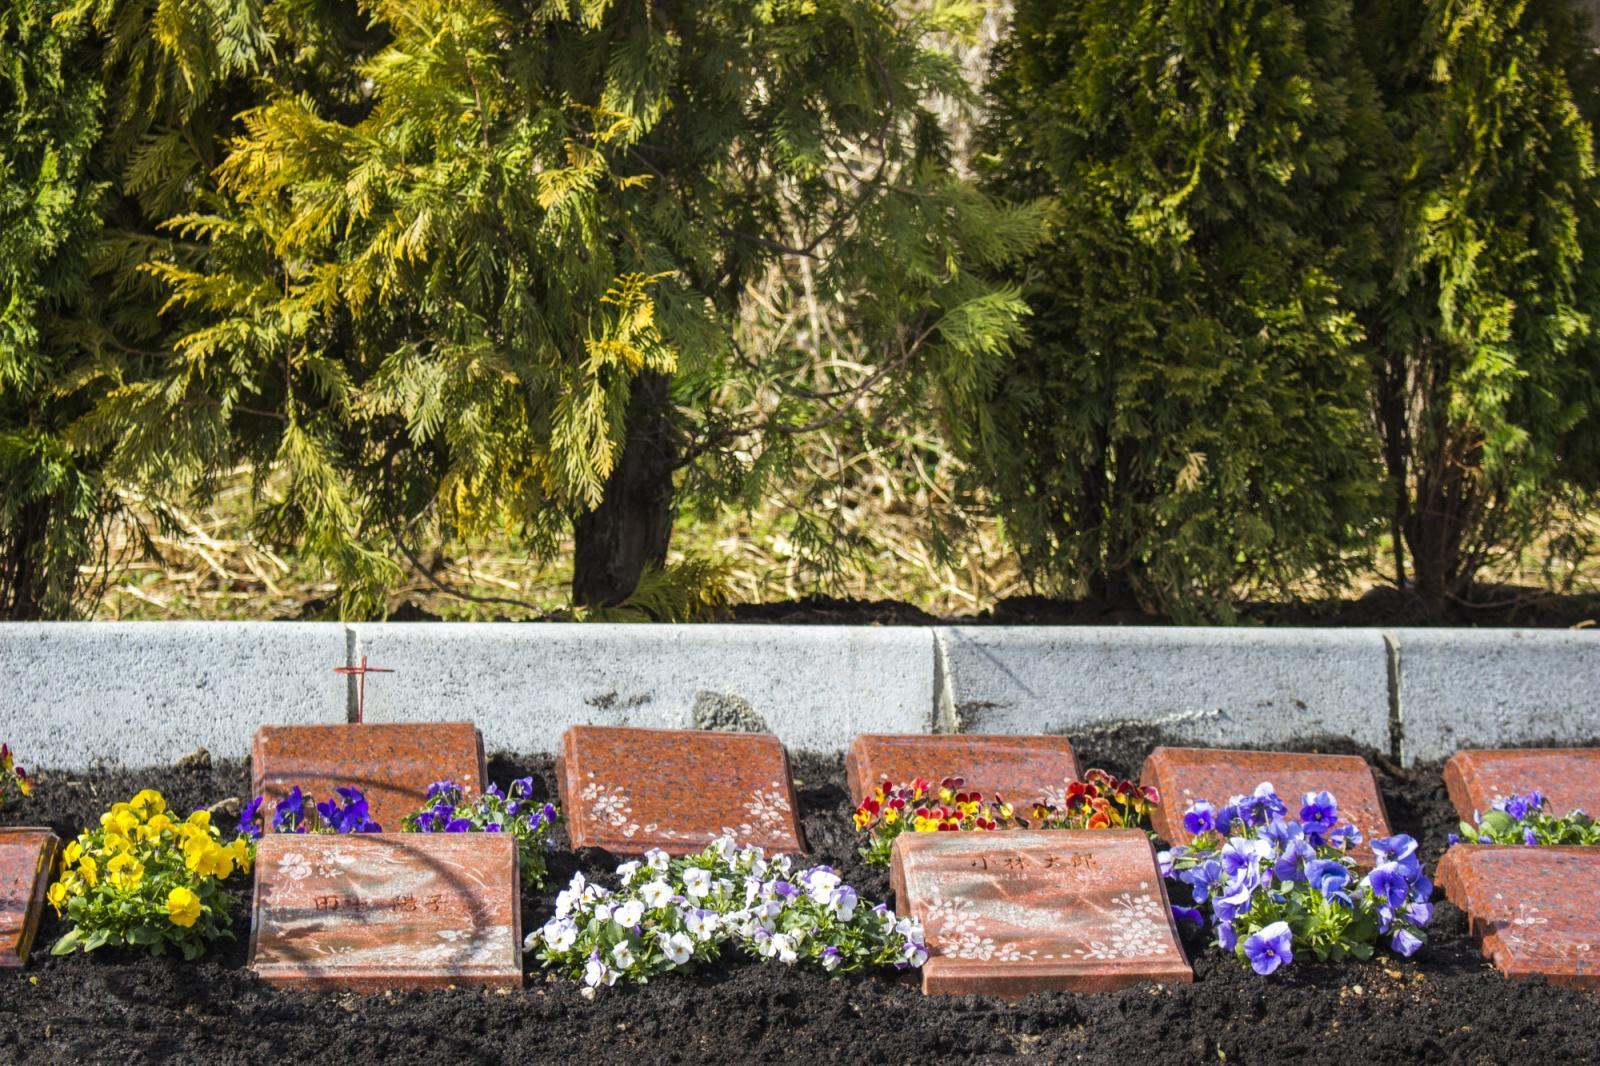 上田市の樹木墓エンゼルパーク